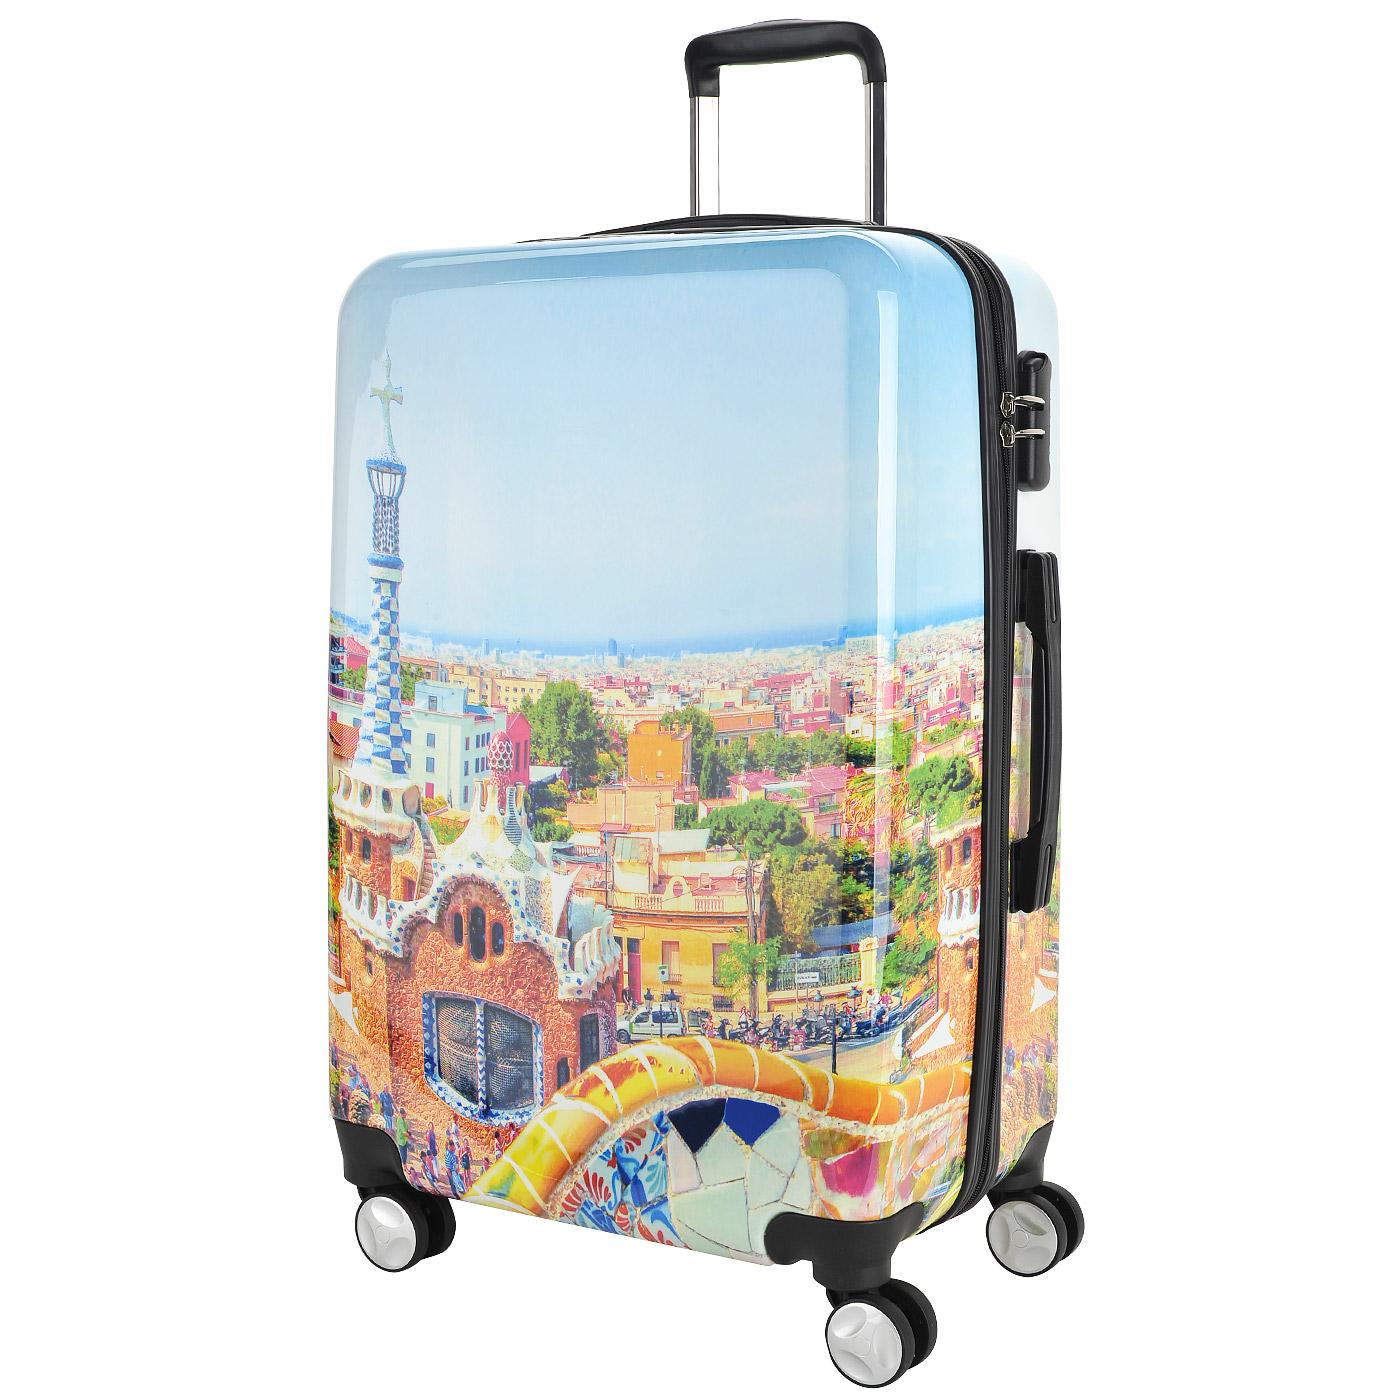 bdfd2a8834a9 Чемодан на колесах Sun Voyage Barcelona Чемодан на колесах Sun Voyage  Barcelona ...